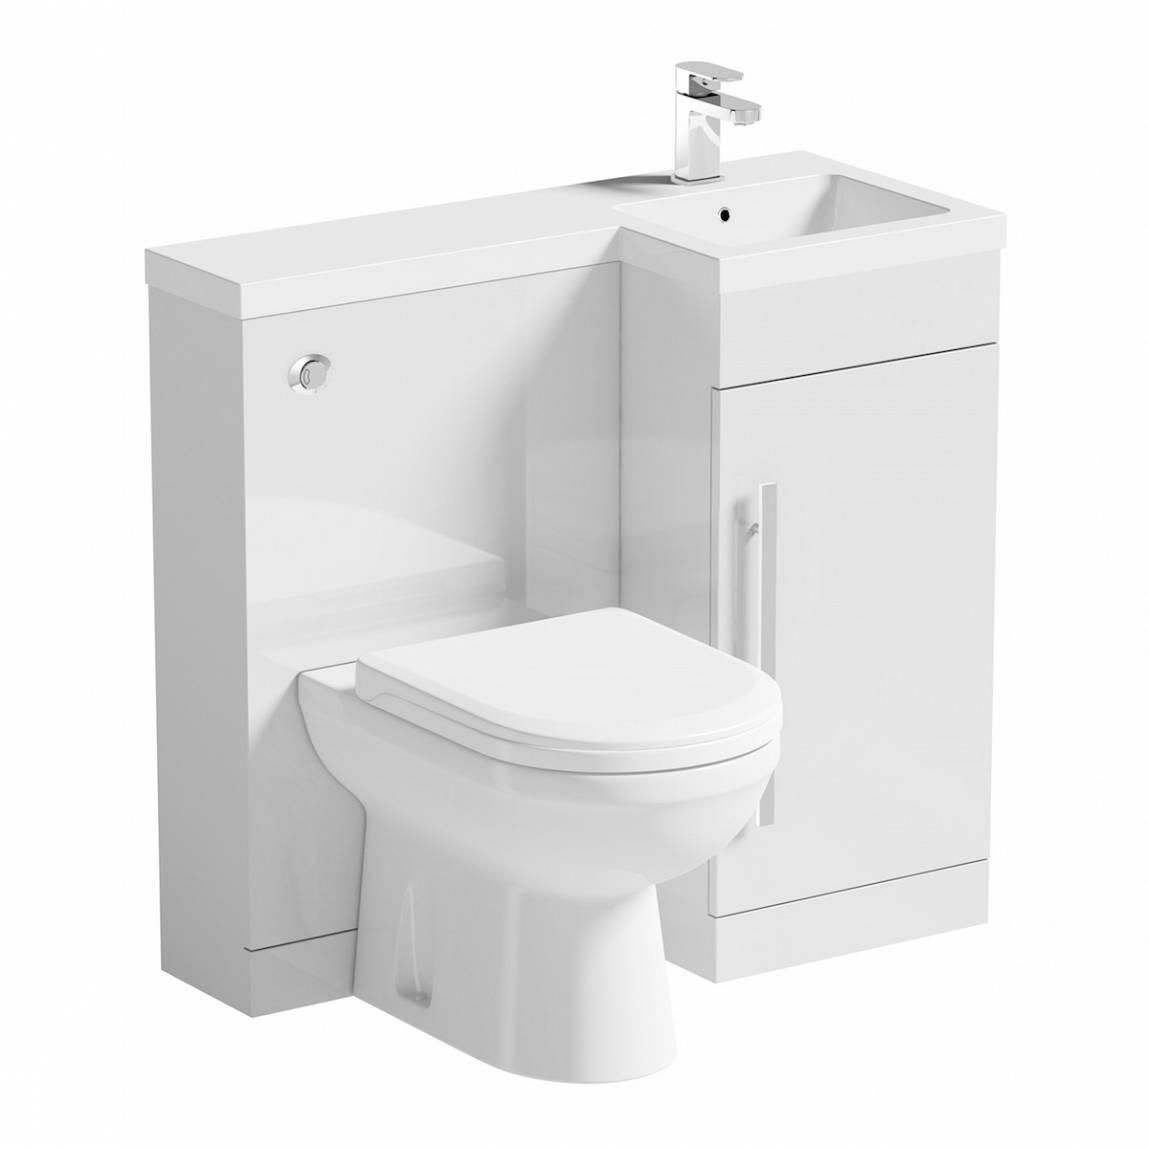 Image of MySpace White Combination Unit RH with Autograph BTW Toilet